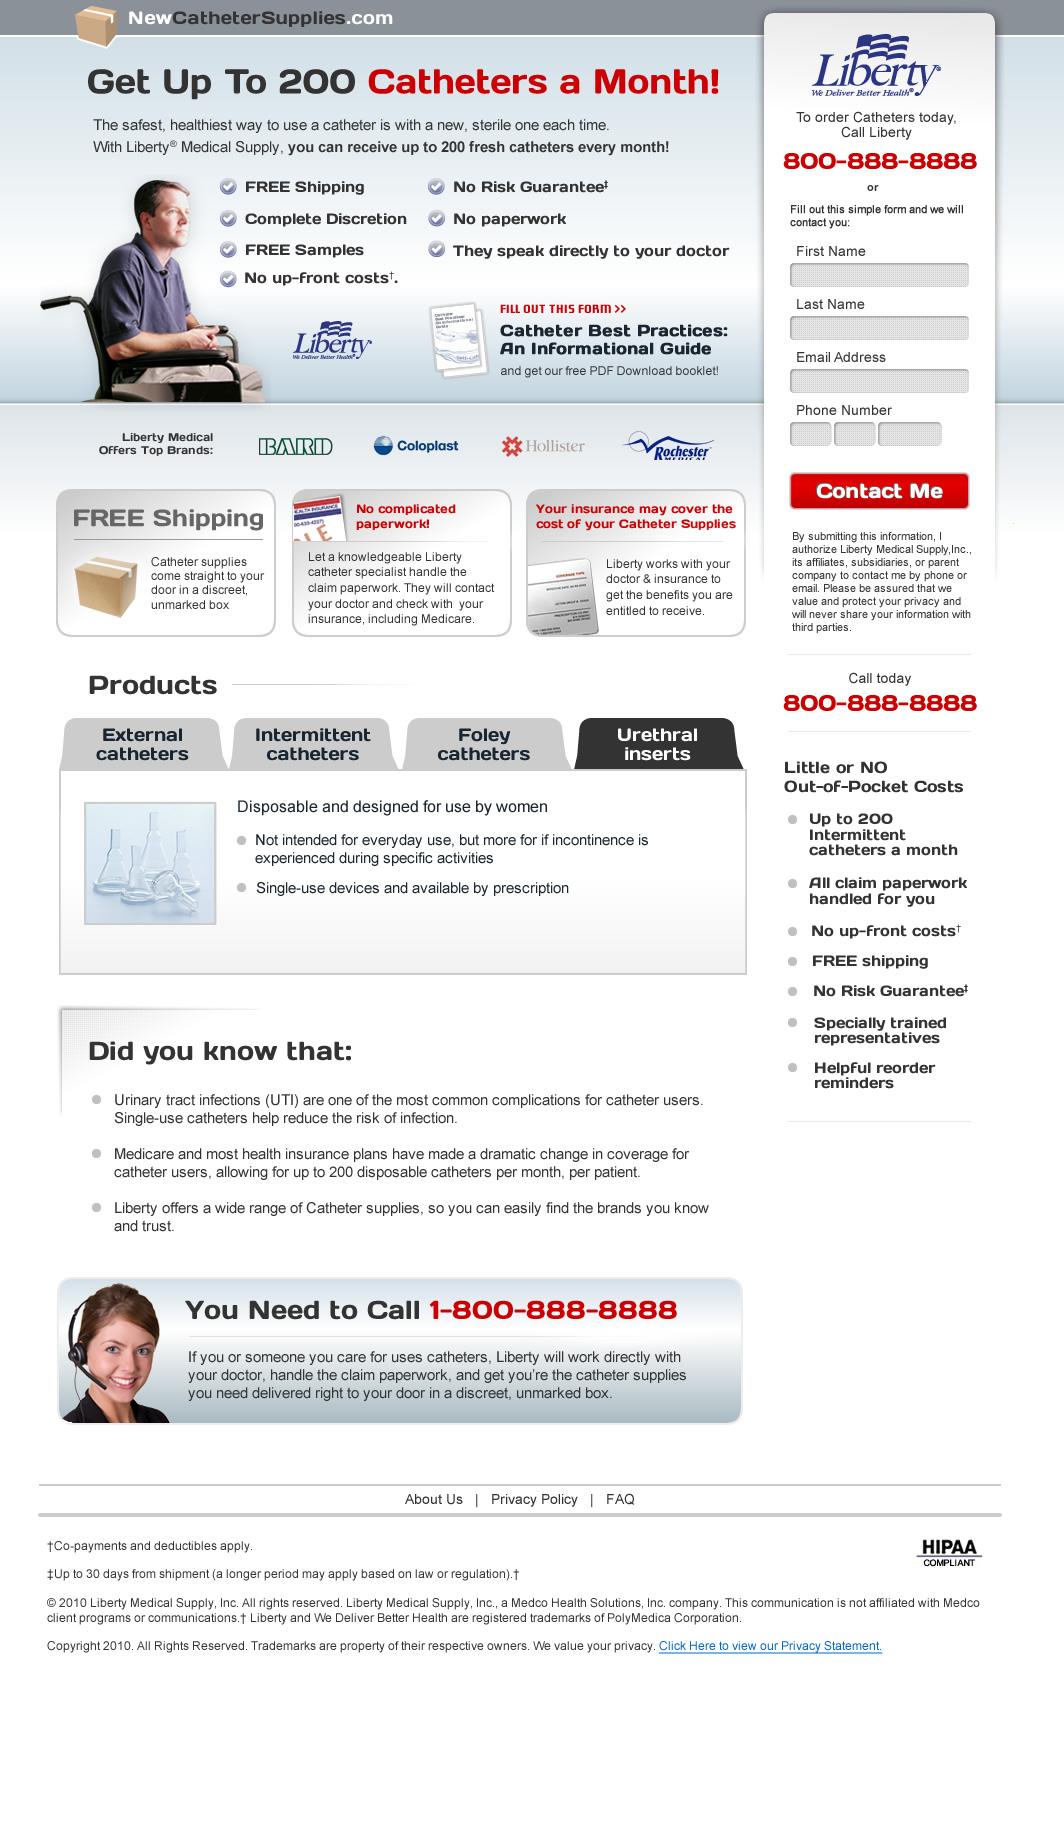 lm-catheter-shell-102110_4b.jpg